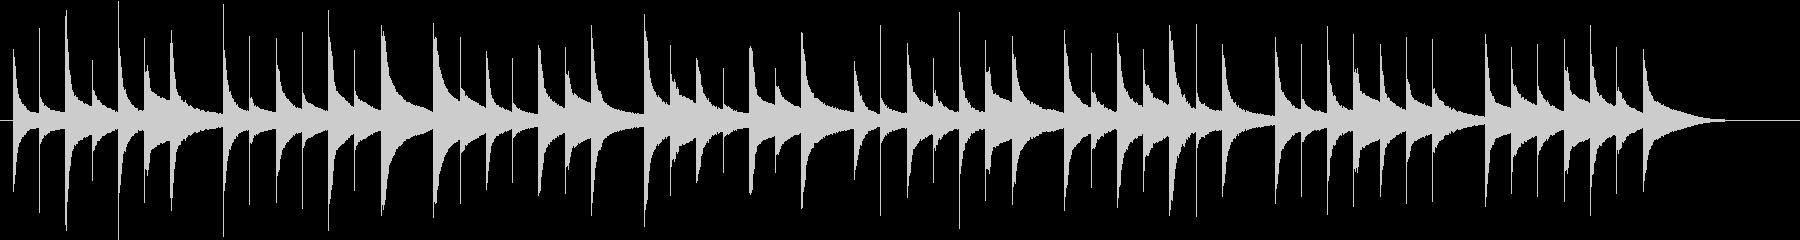 オルゴール風のジングルの未再生の波形